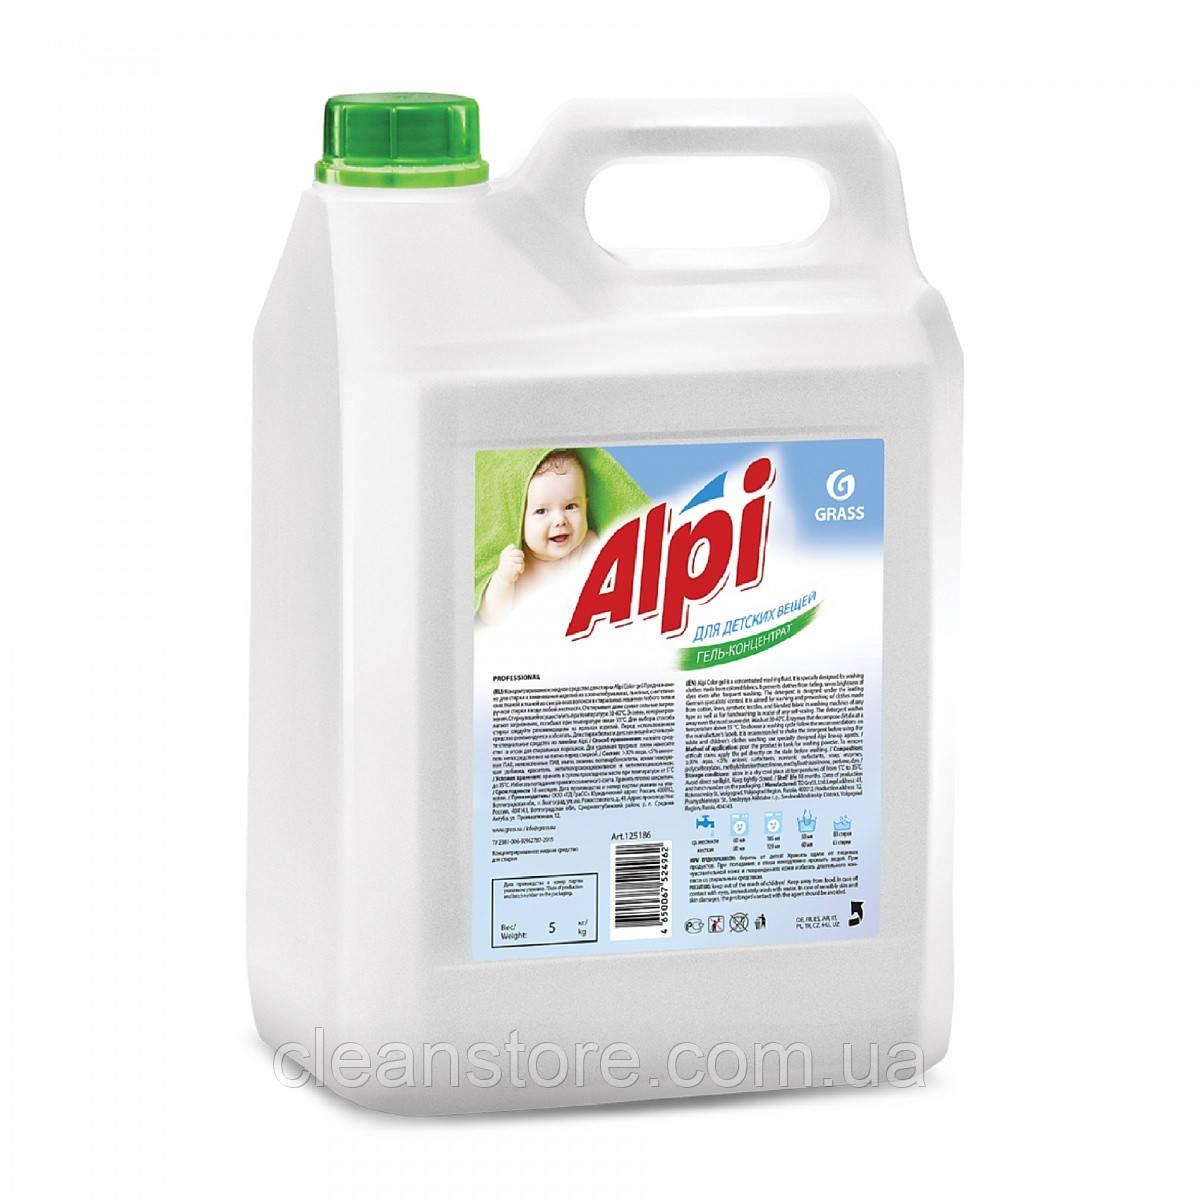 Гель-концентрат для дитячих речей ALPI, 5кг